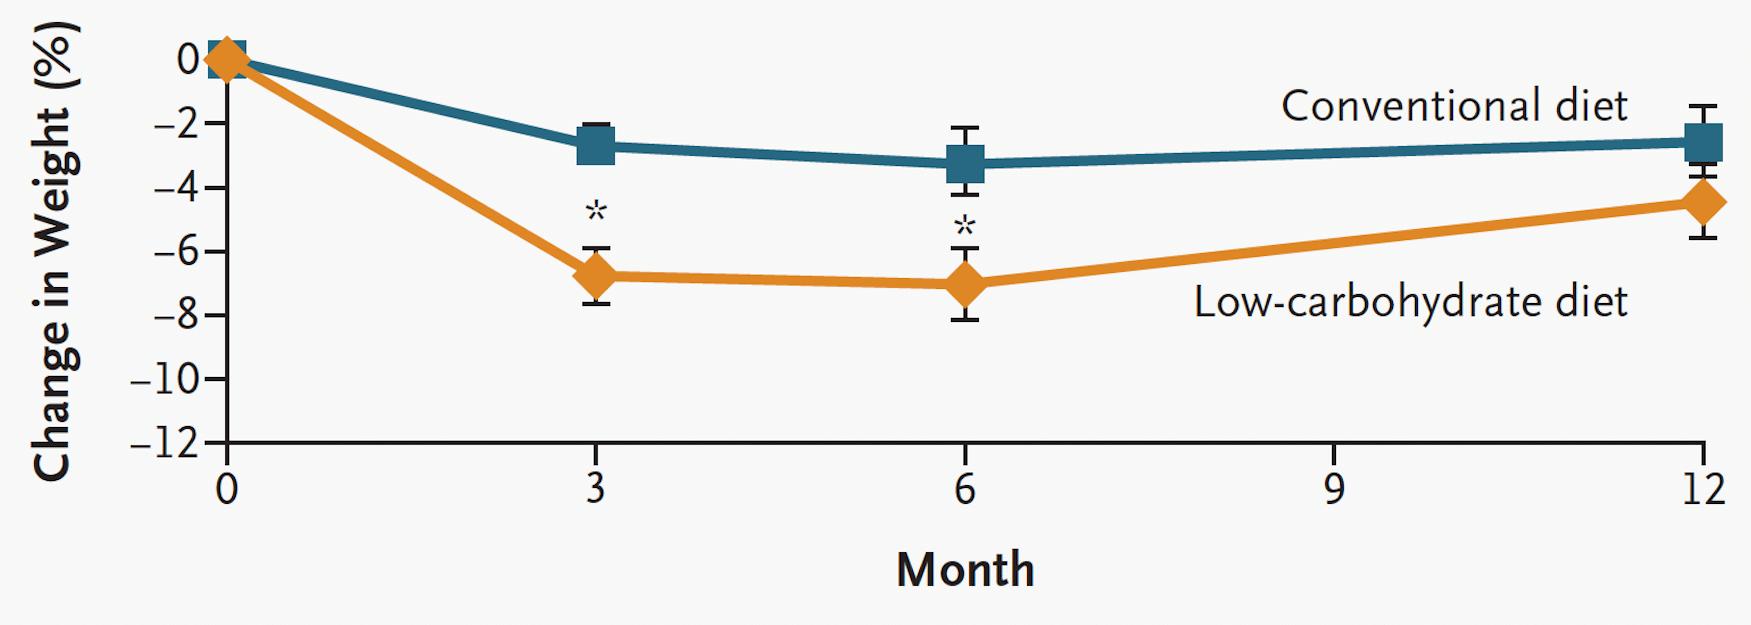 Här jämförs Atkins diet (som är en variant av LCHF) med fettsnål kost beträffande viktnedgång. Den gula linjen är Atkins kost, den blå linjen är fettsnål kost. Efter 3 månader hade Atkins diet gett större effekt på vikt (viktnedgången var större) men därefter började deltagarna gå upp i vikt igen och således försvann skillnaderna mellan grupperna.